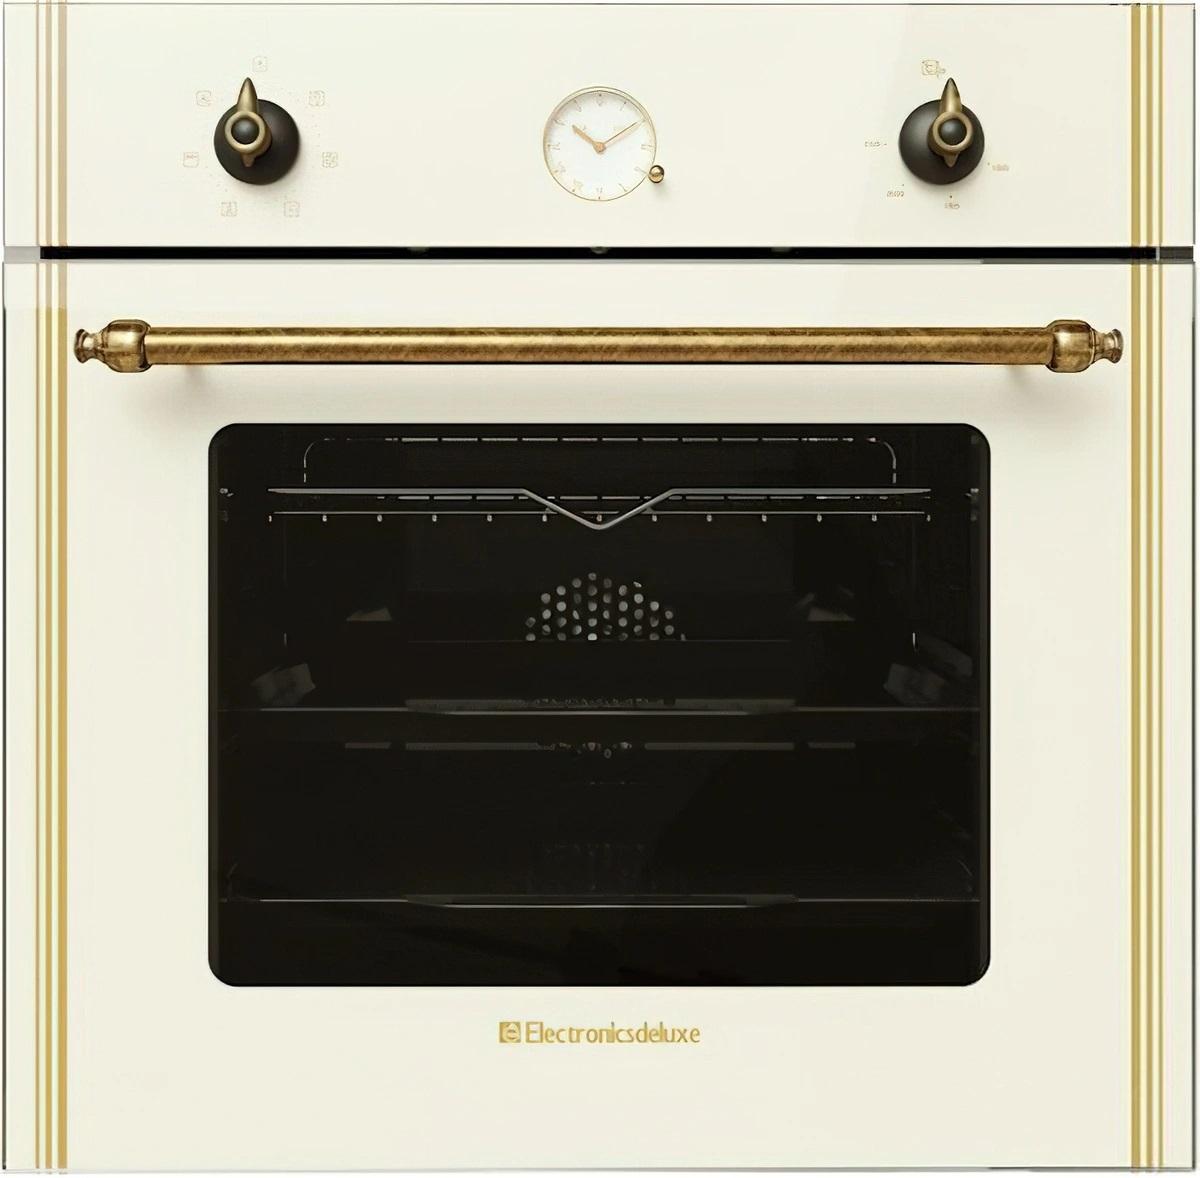 Духовой шкаф Electronicsdeluxe 6006.05эшв-008 бежевый